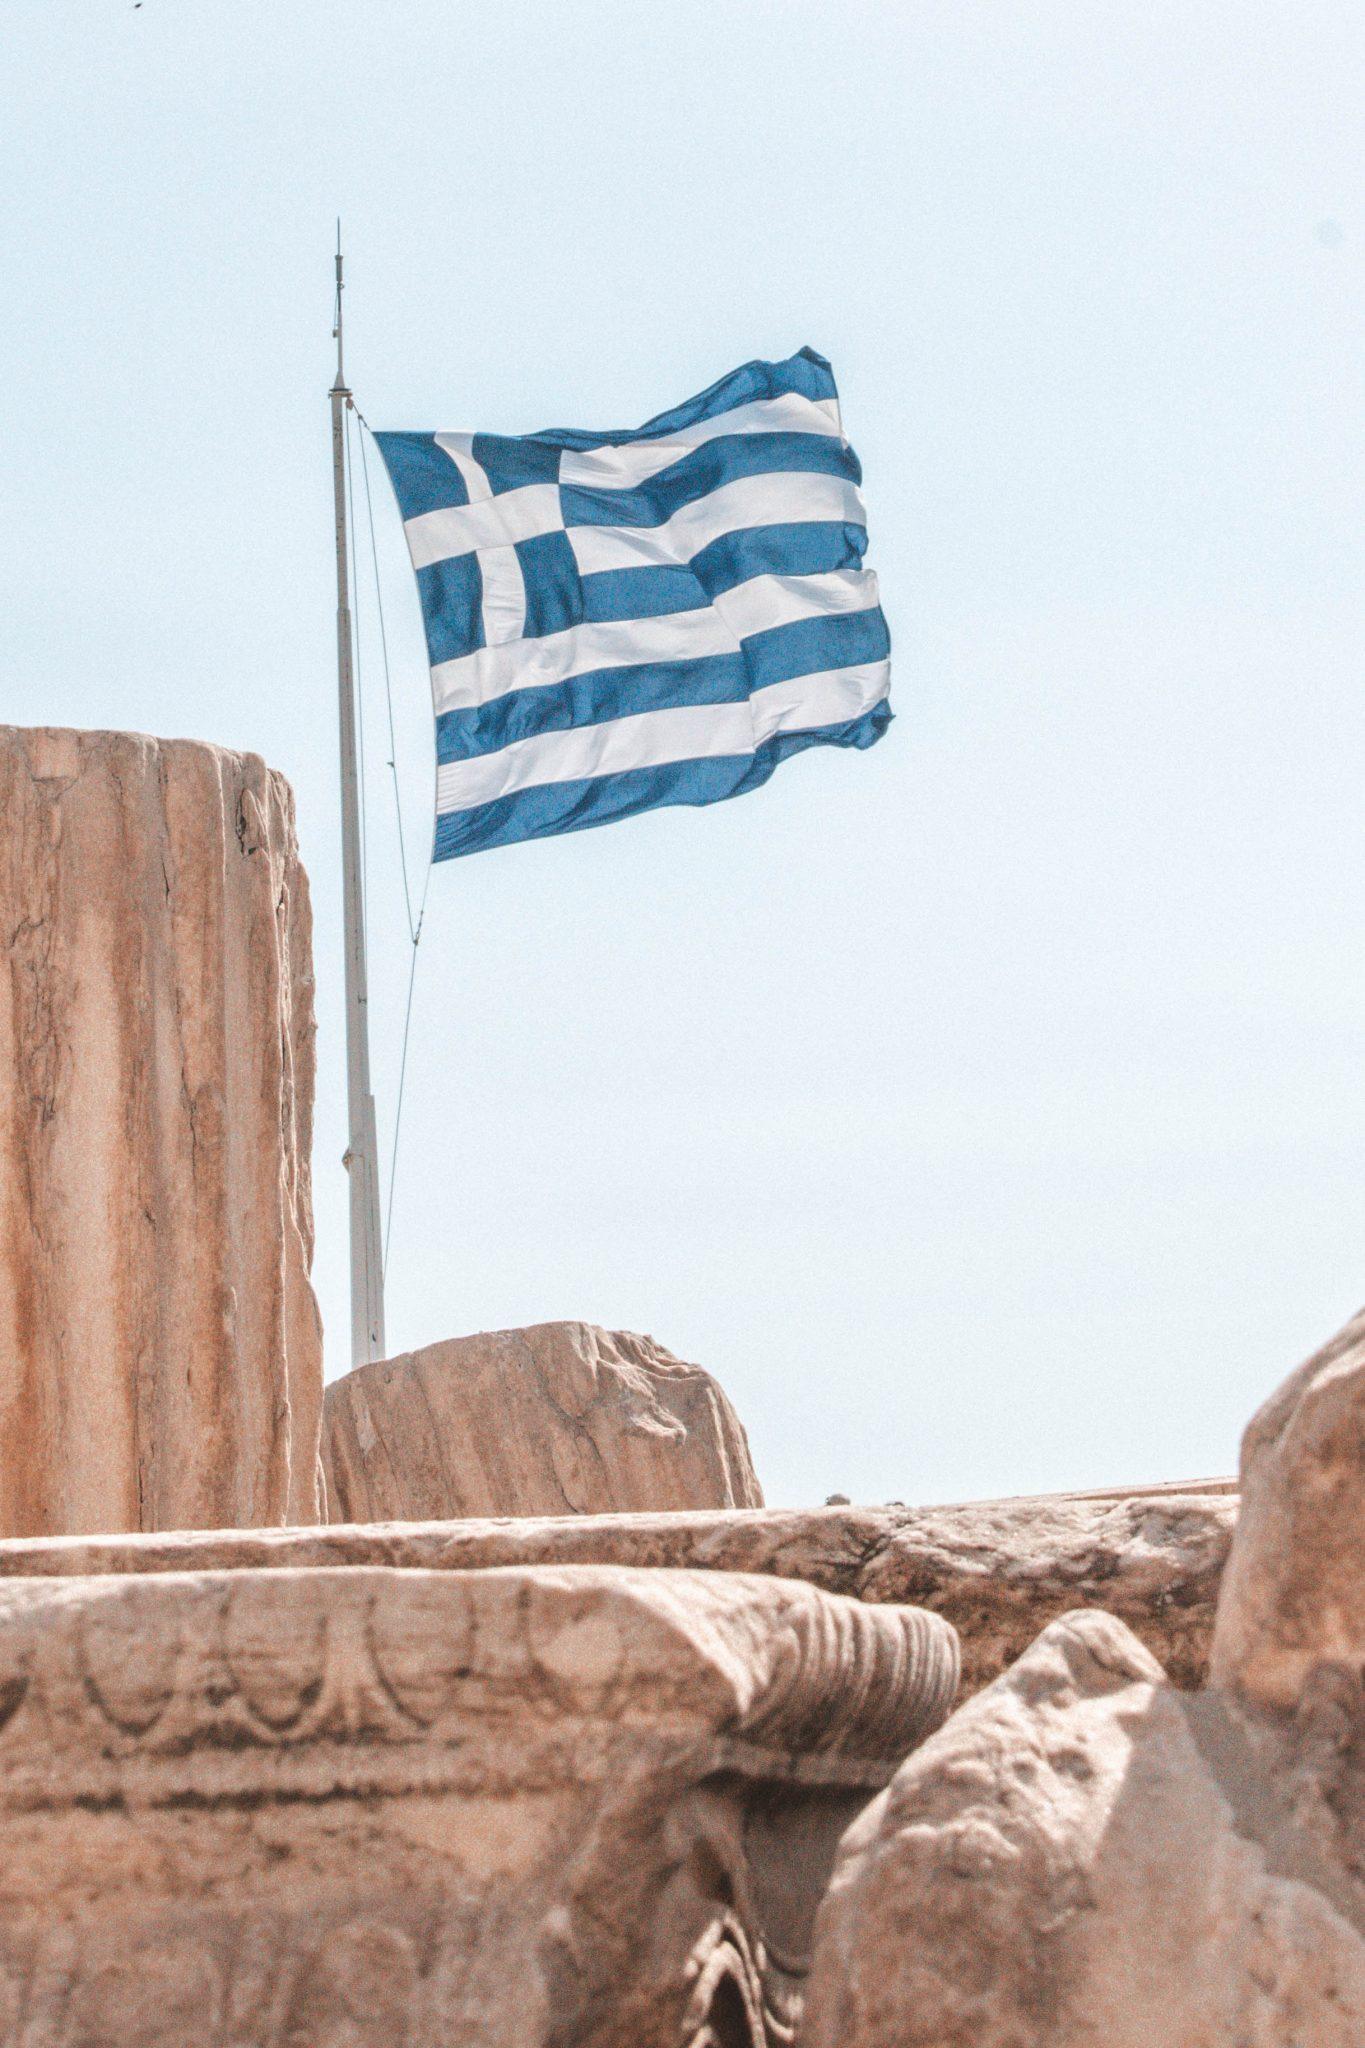 Dicas de viagem Atenas Grécia